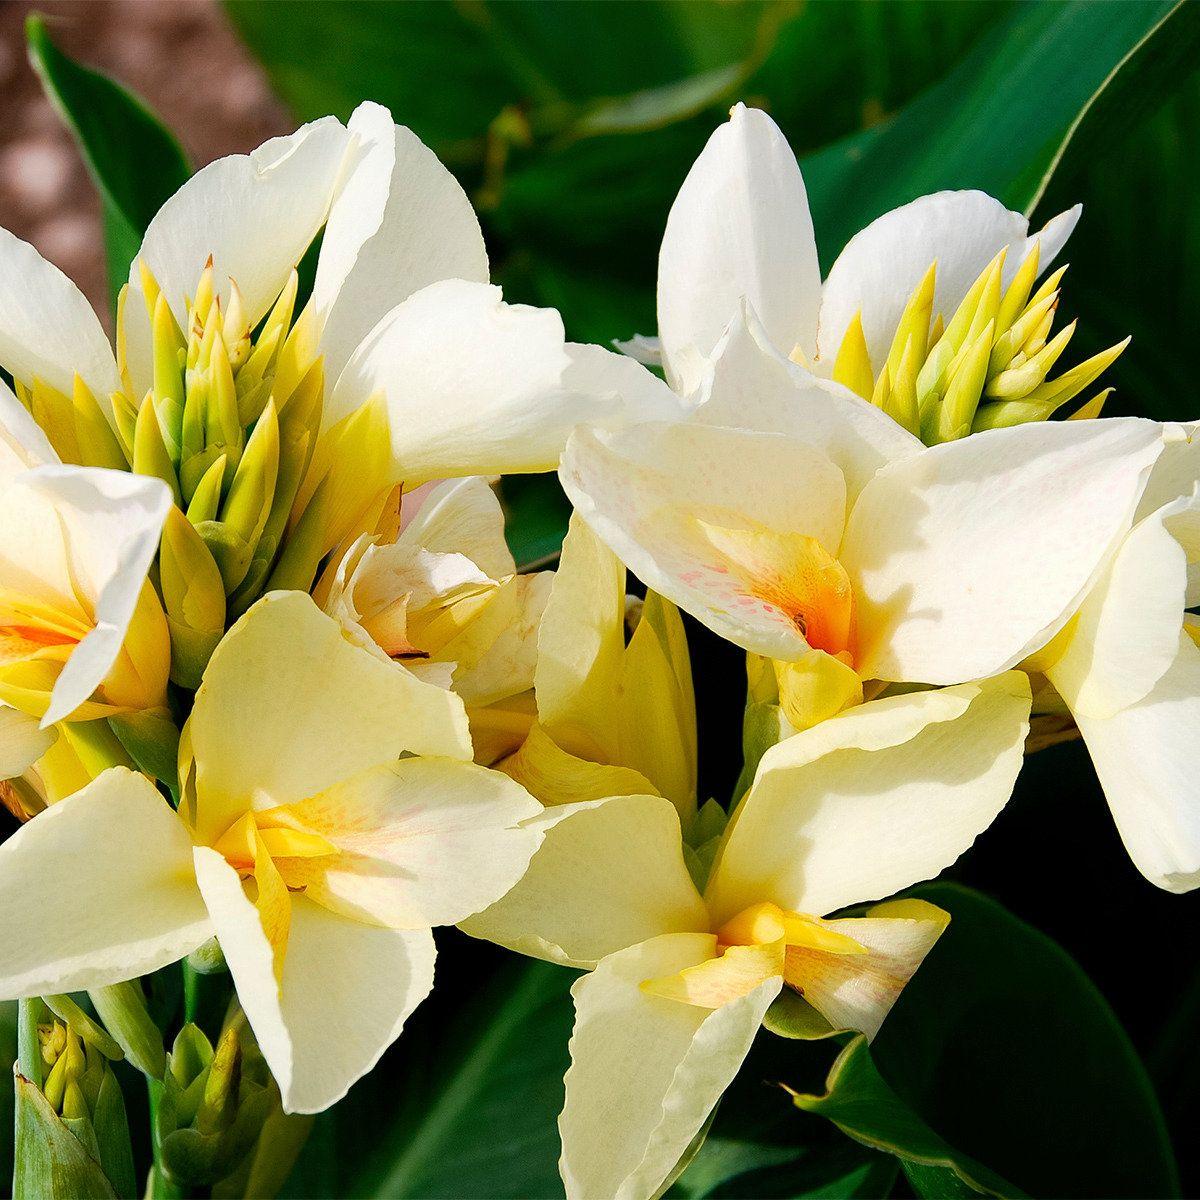 Canna Niagara Indisches Blumenrohr Blumenrohr Indisches Blumenrohr Blumen